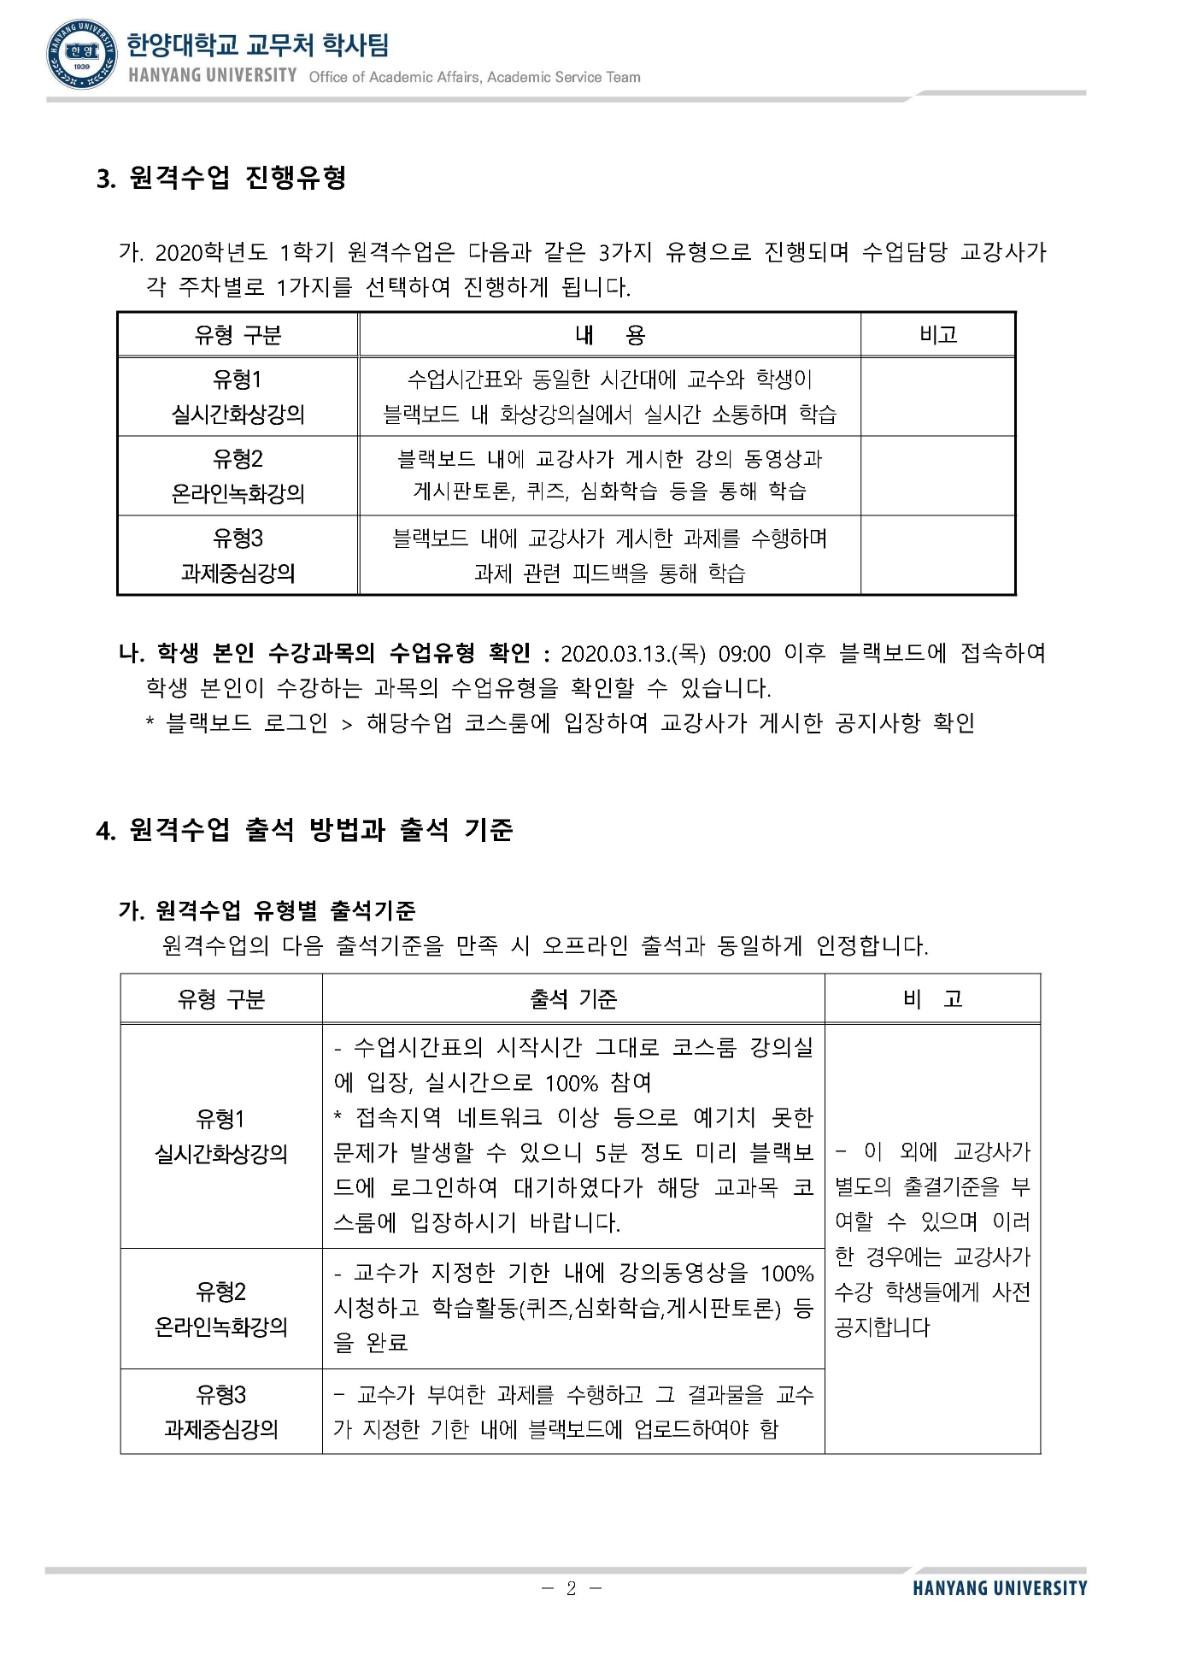 2020_1학기_원격수업안내_학생용(ERICA) (1)_페이지_2.jpg